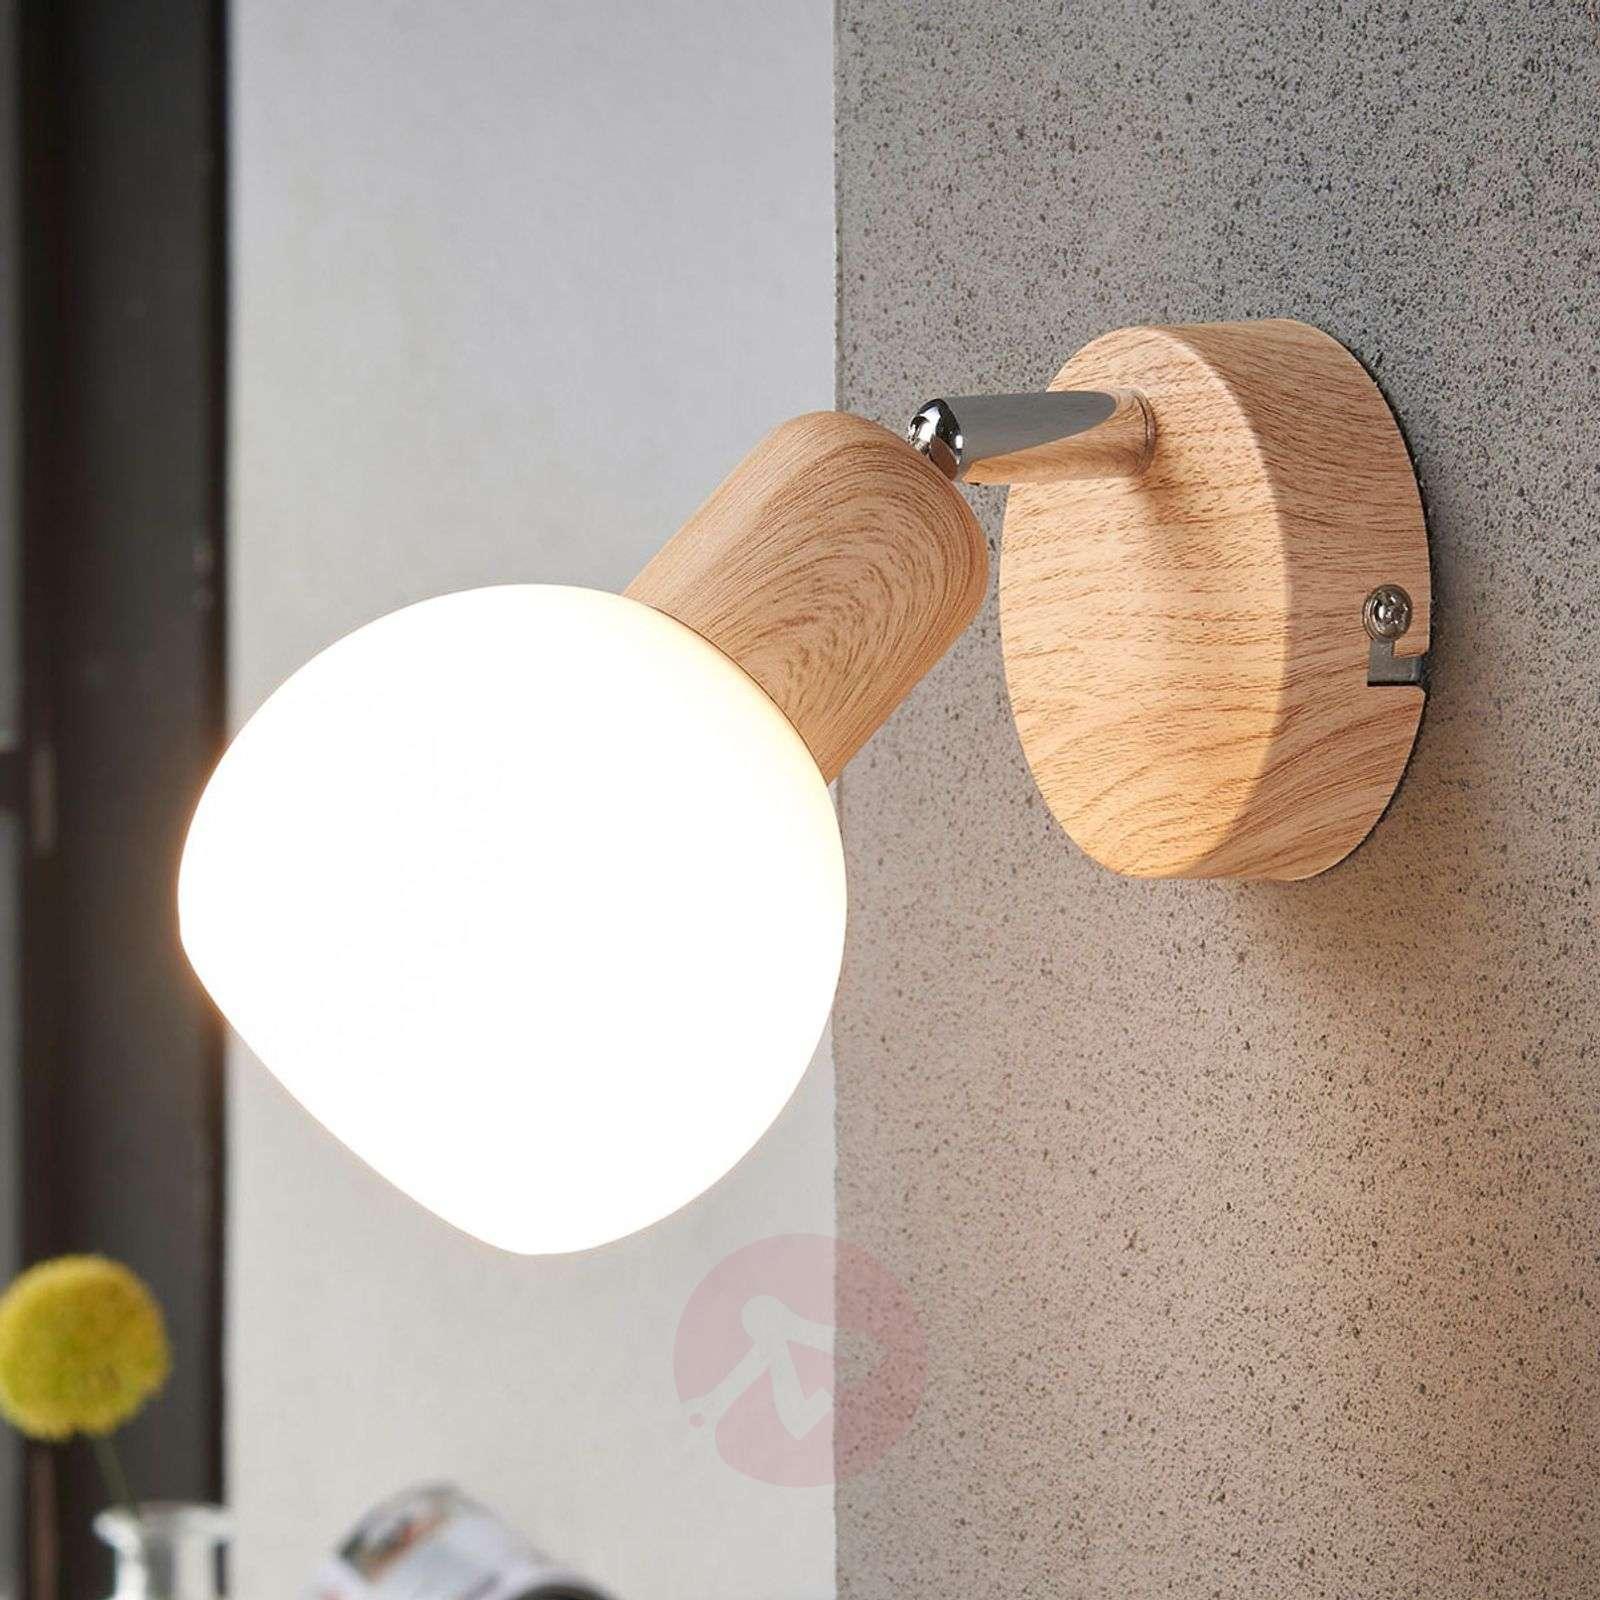 Kaunis Svenka LED-valaisin, 1-lampp. puu-9621046-03